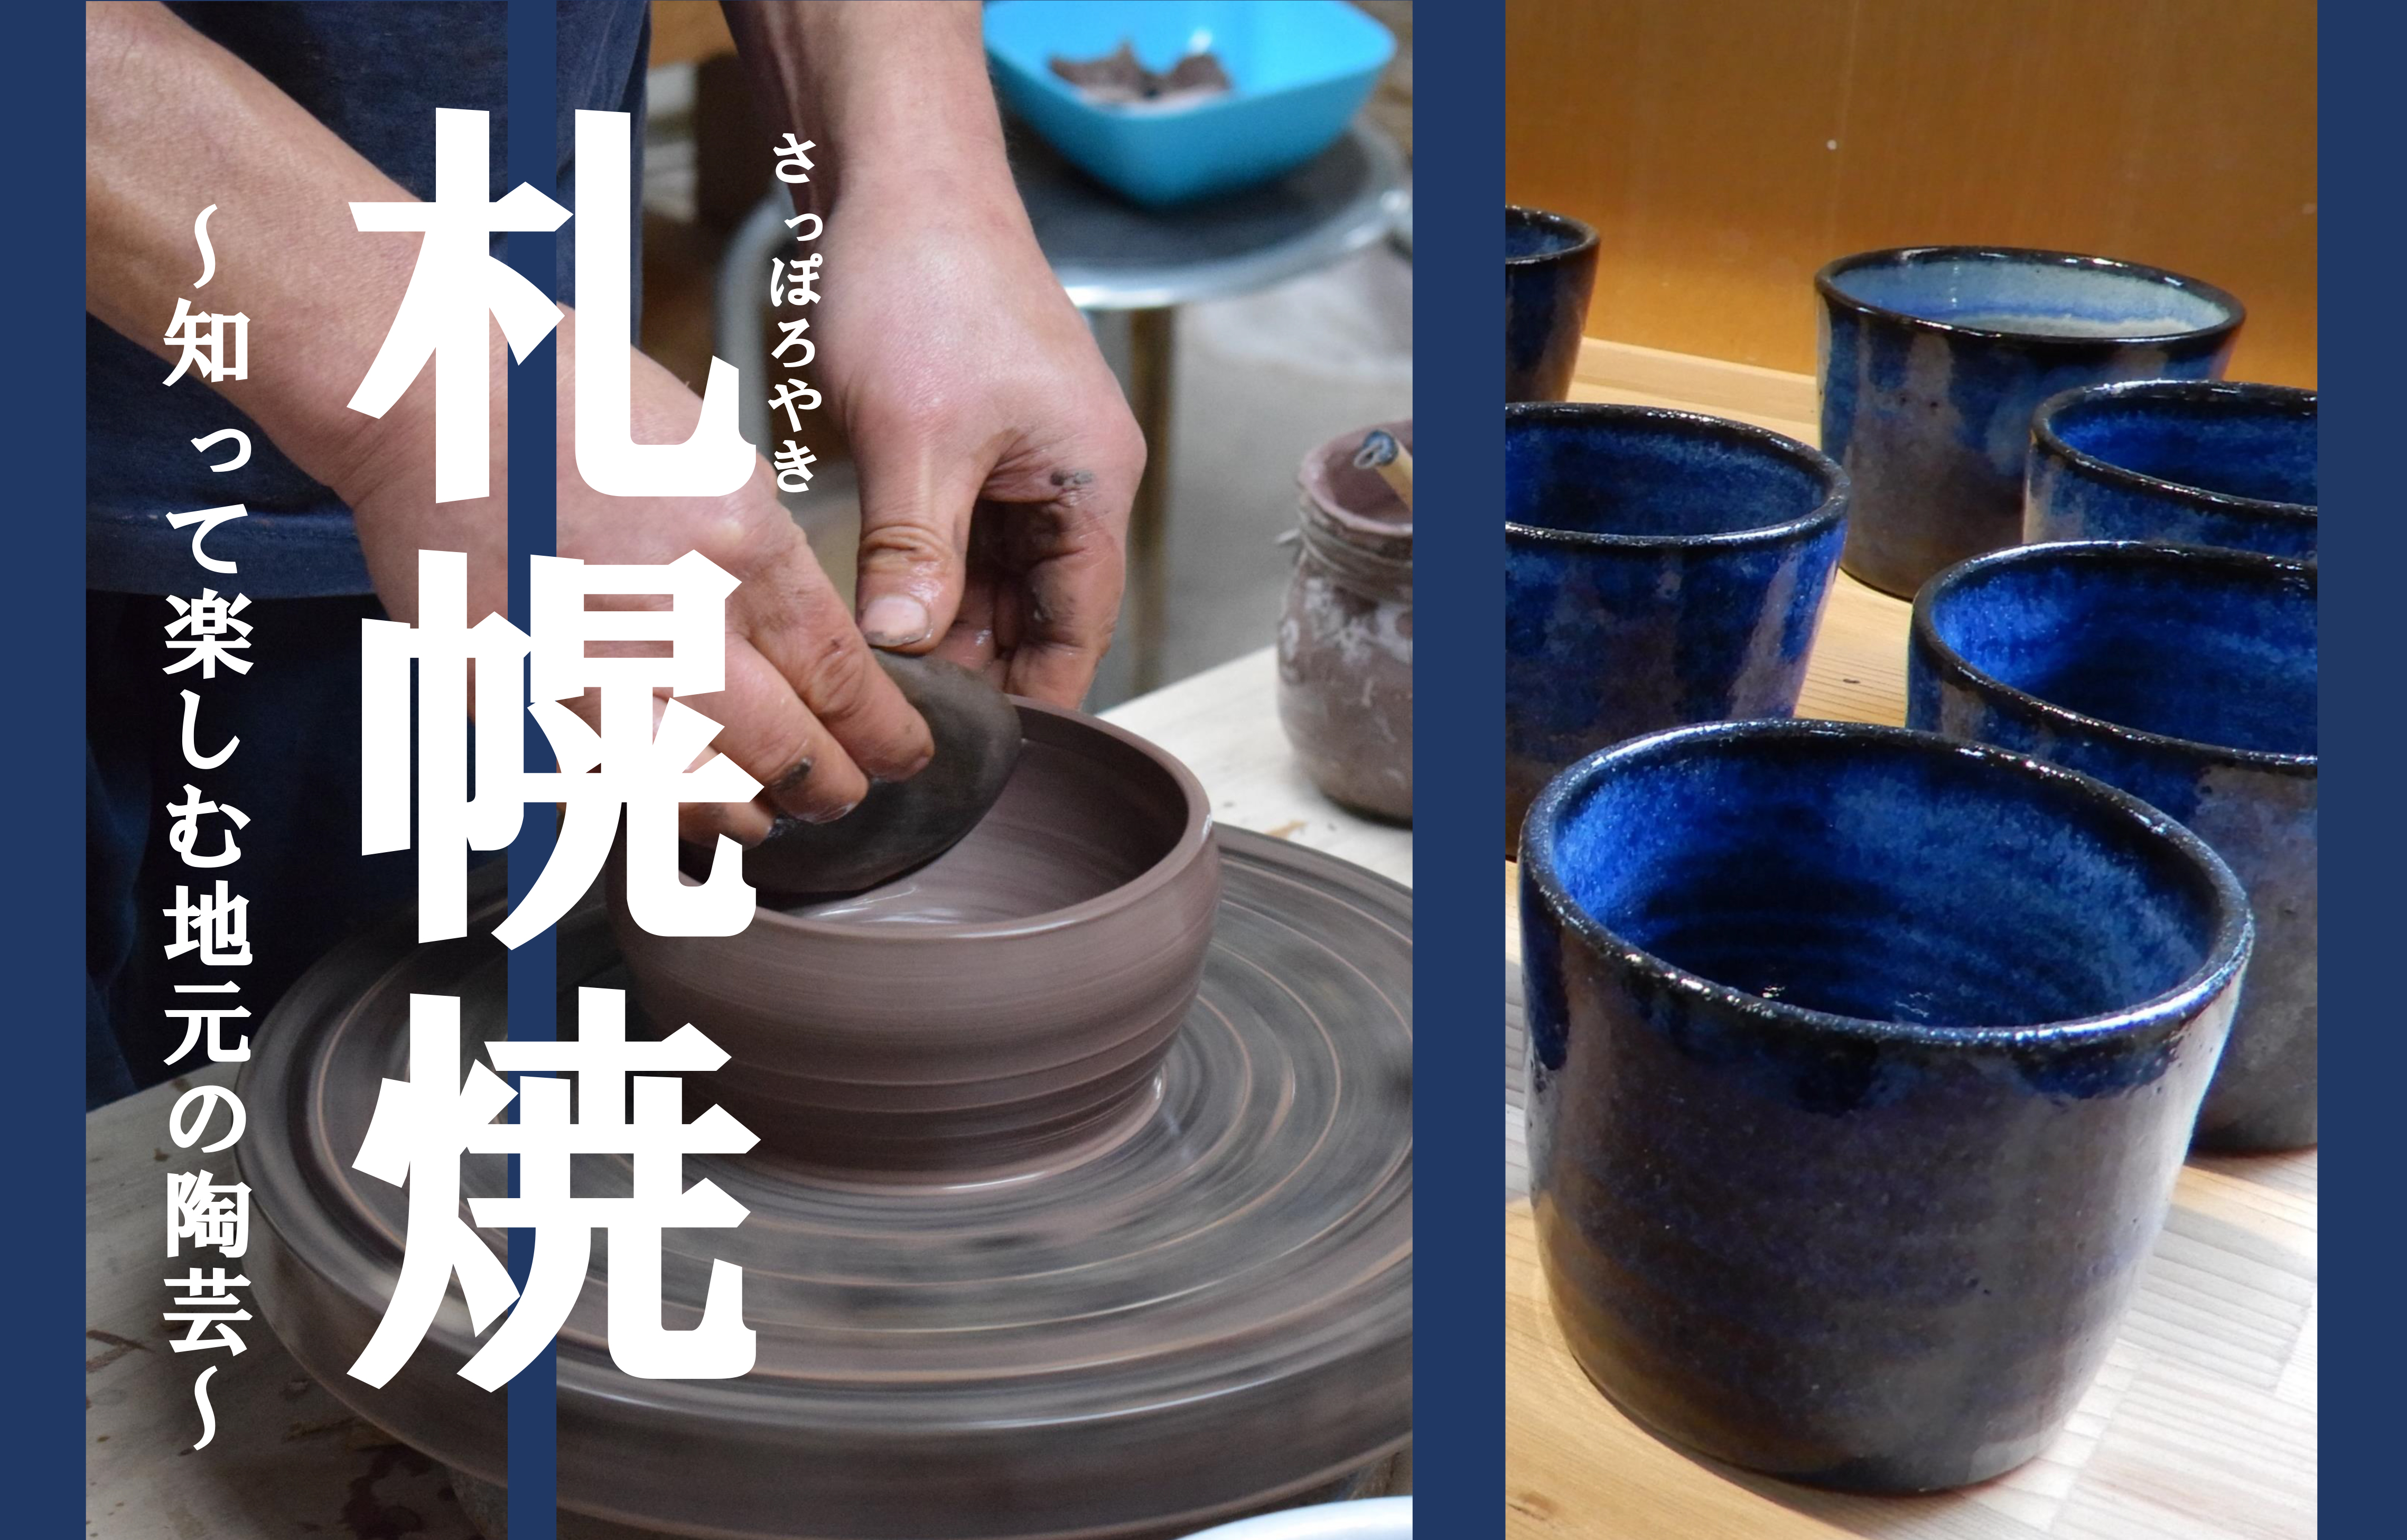 札幌焼~知って楽しむ地元の陶芸~